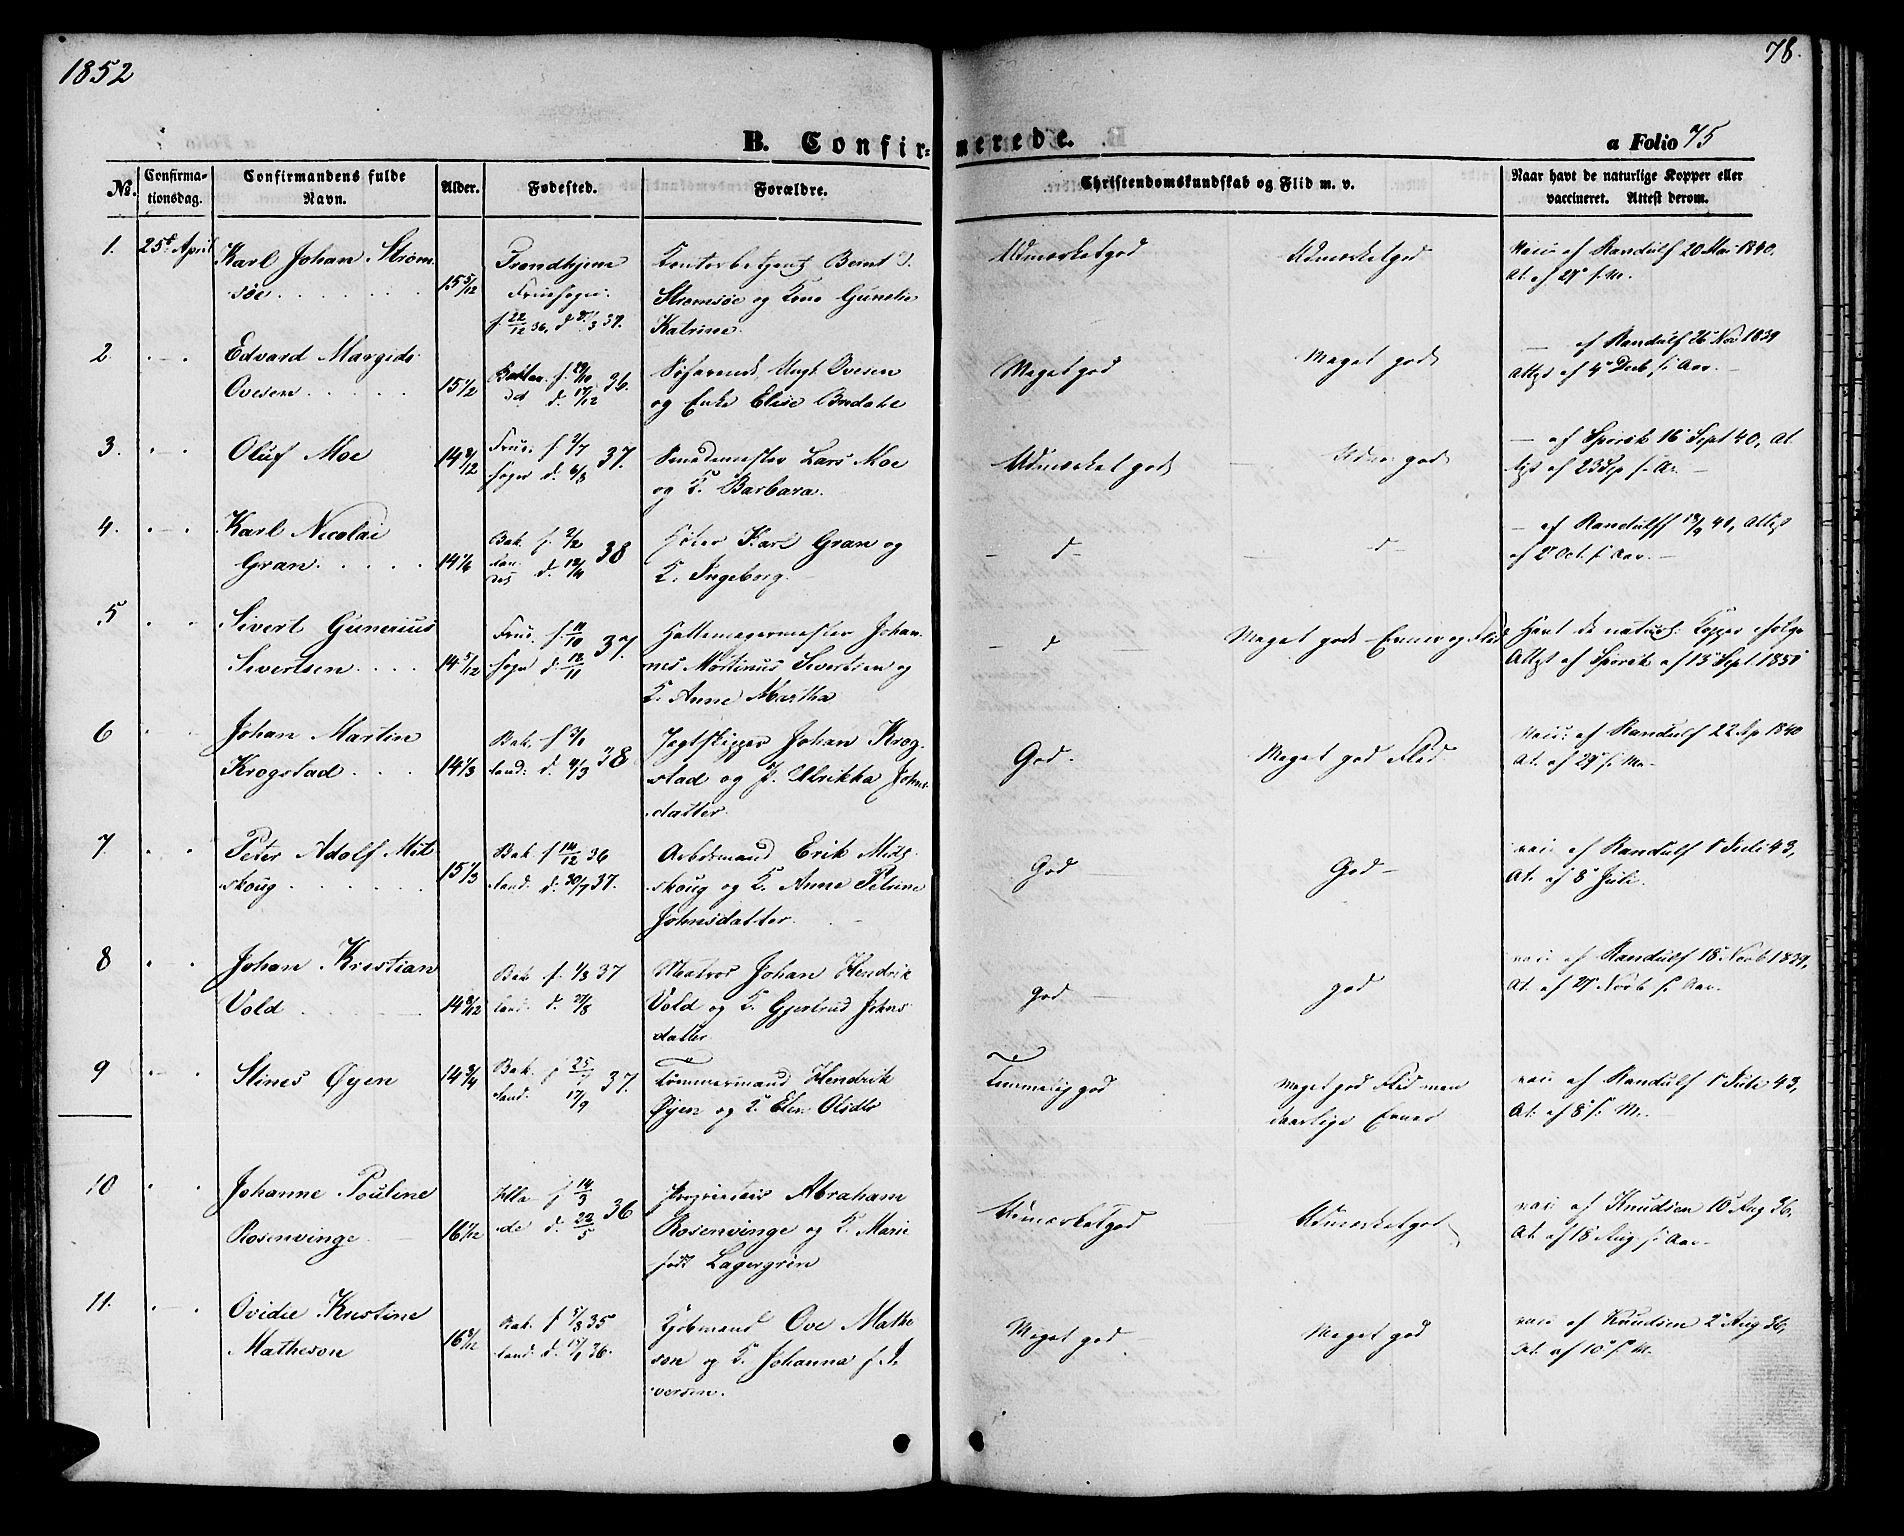 SAT, Ministerialprotokoller, klokkerbøker og fødselsregistre - Sør-Trøndelag, 604/L0184: Ministerialbok nr. 604A05, 1851-1860, s. 78